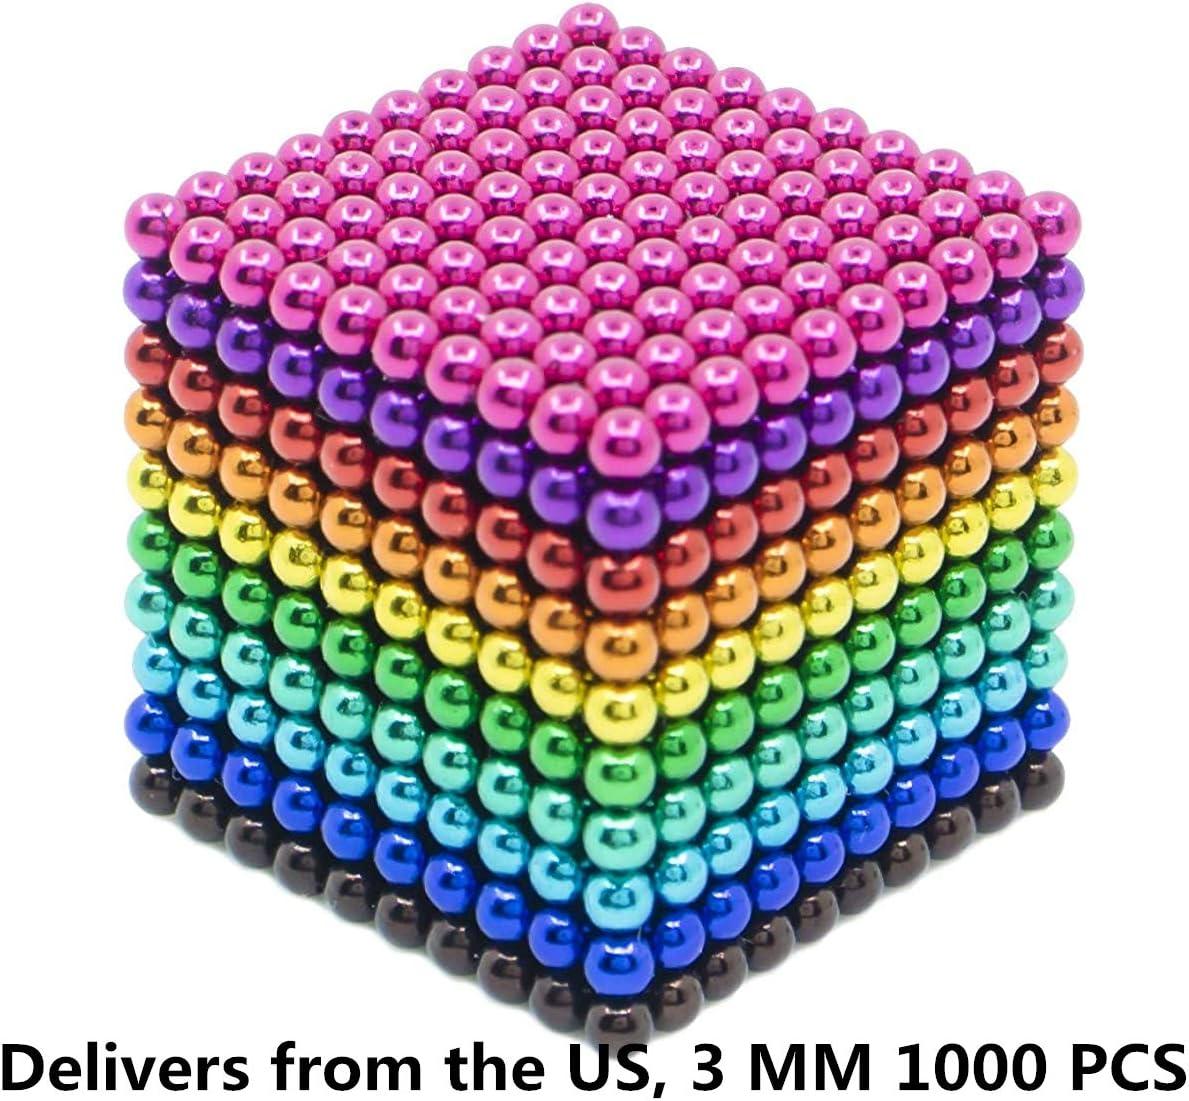 Magnetic Balls 3 MM Beads 1000 Pieces Rainbow Sculpture Cube Fidget Coolest Gadget Sculpture Building Blocks Interesting Desk Toy Multicolored